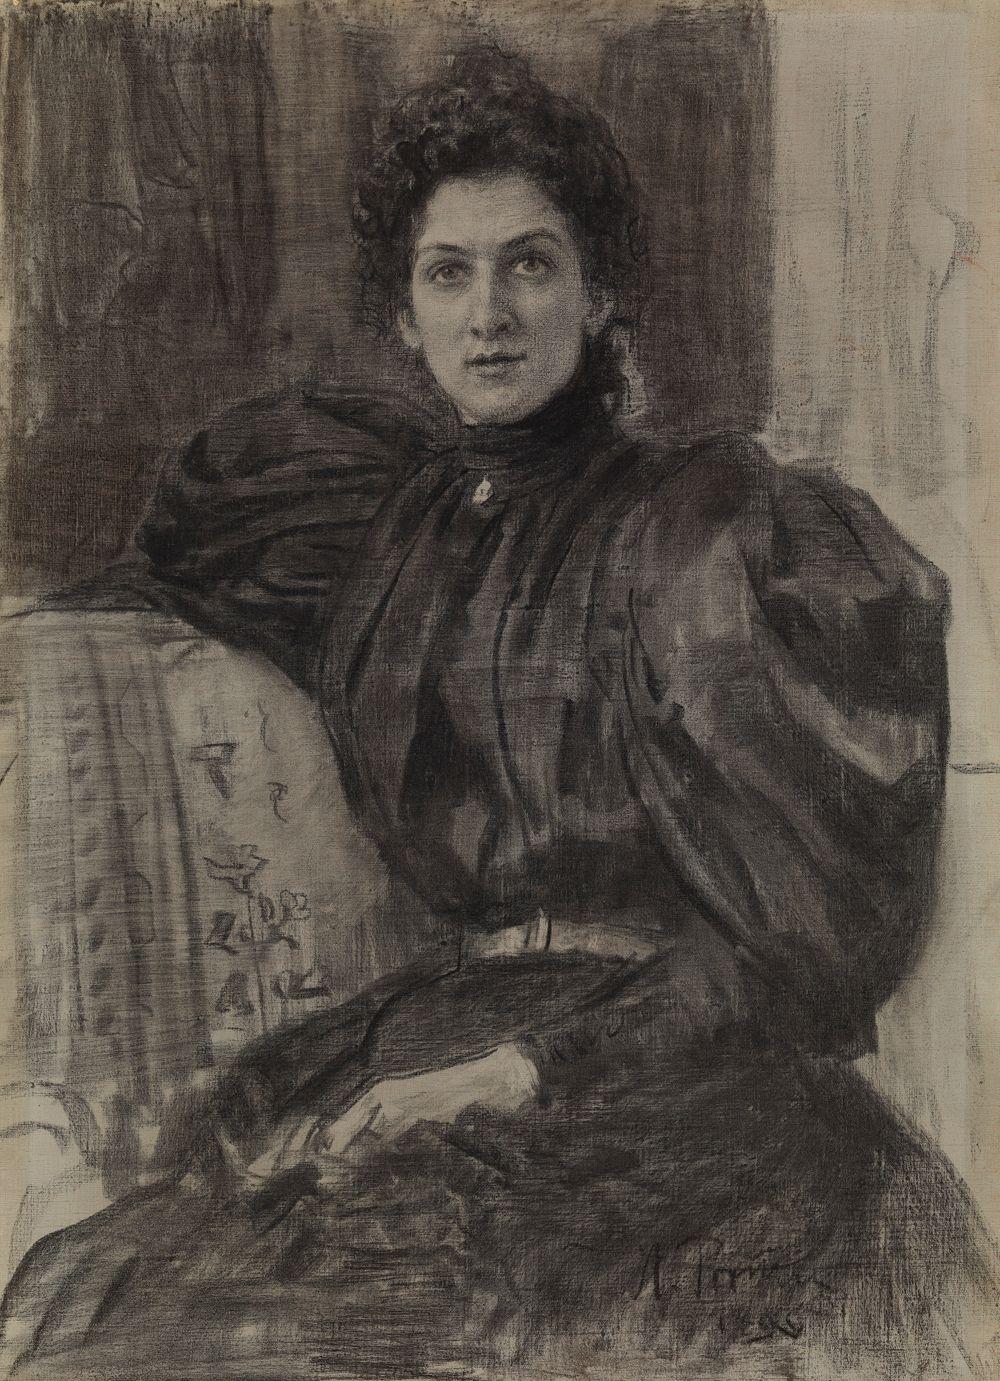 Skådespelerskan Vera Puškareva (Kotljarevskaja)